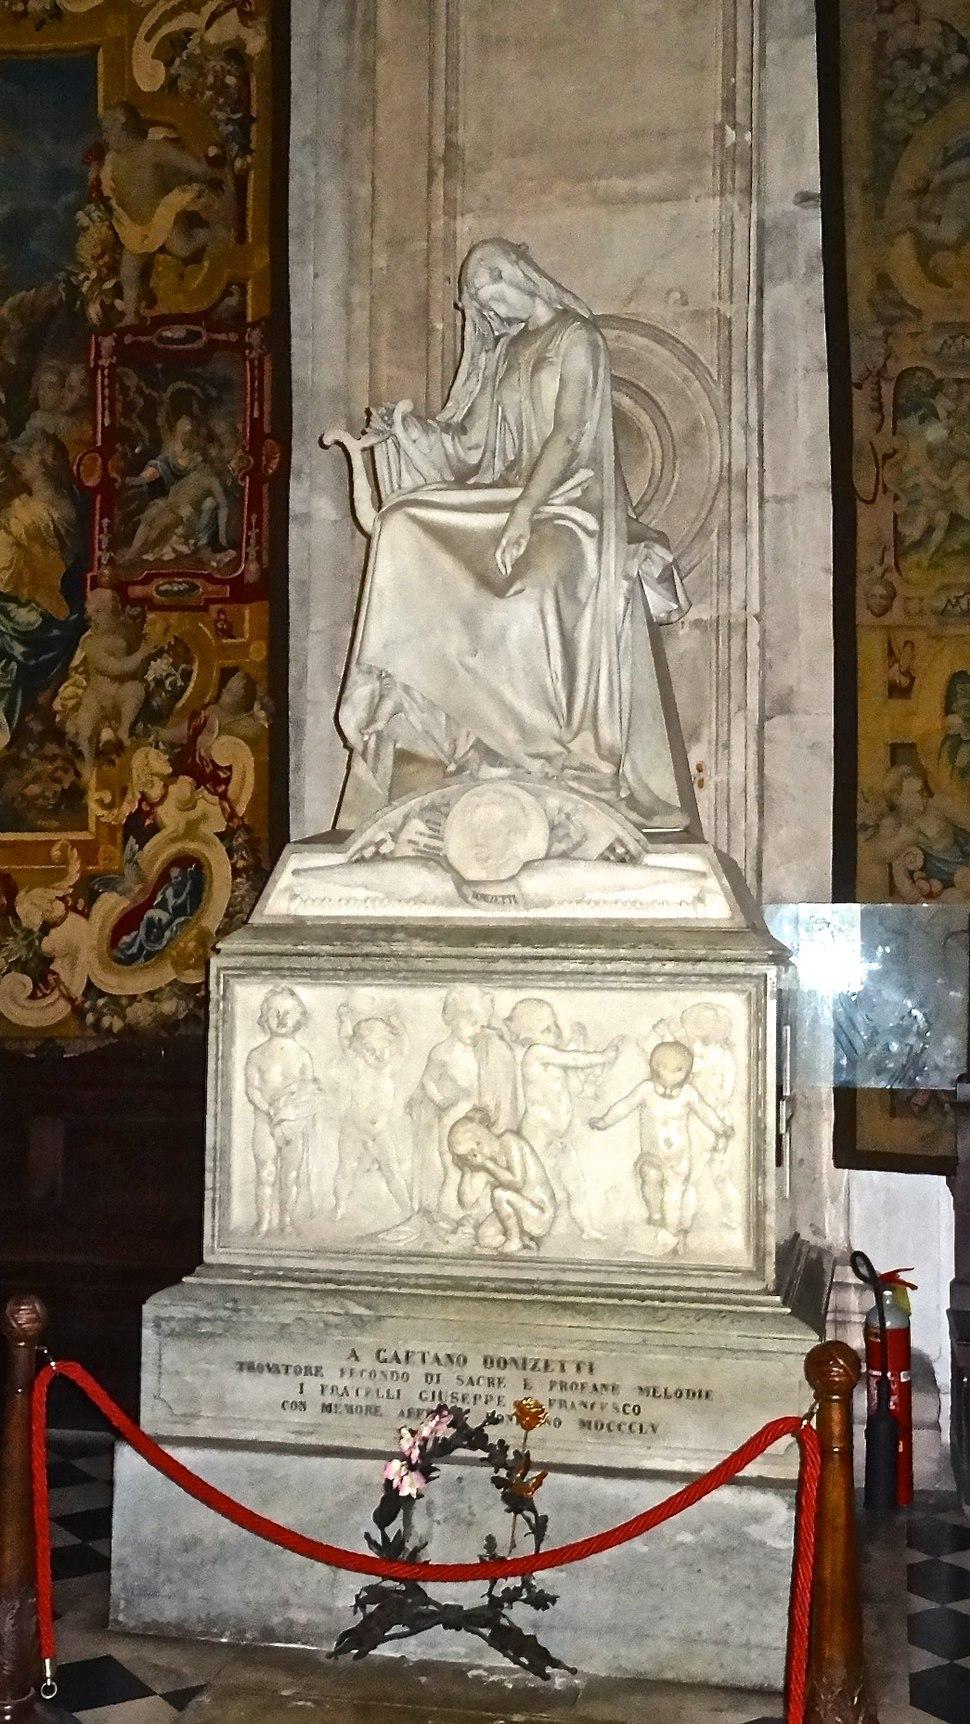 Tomb Donizetti